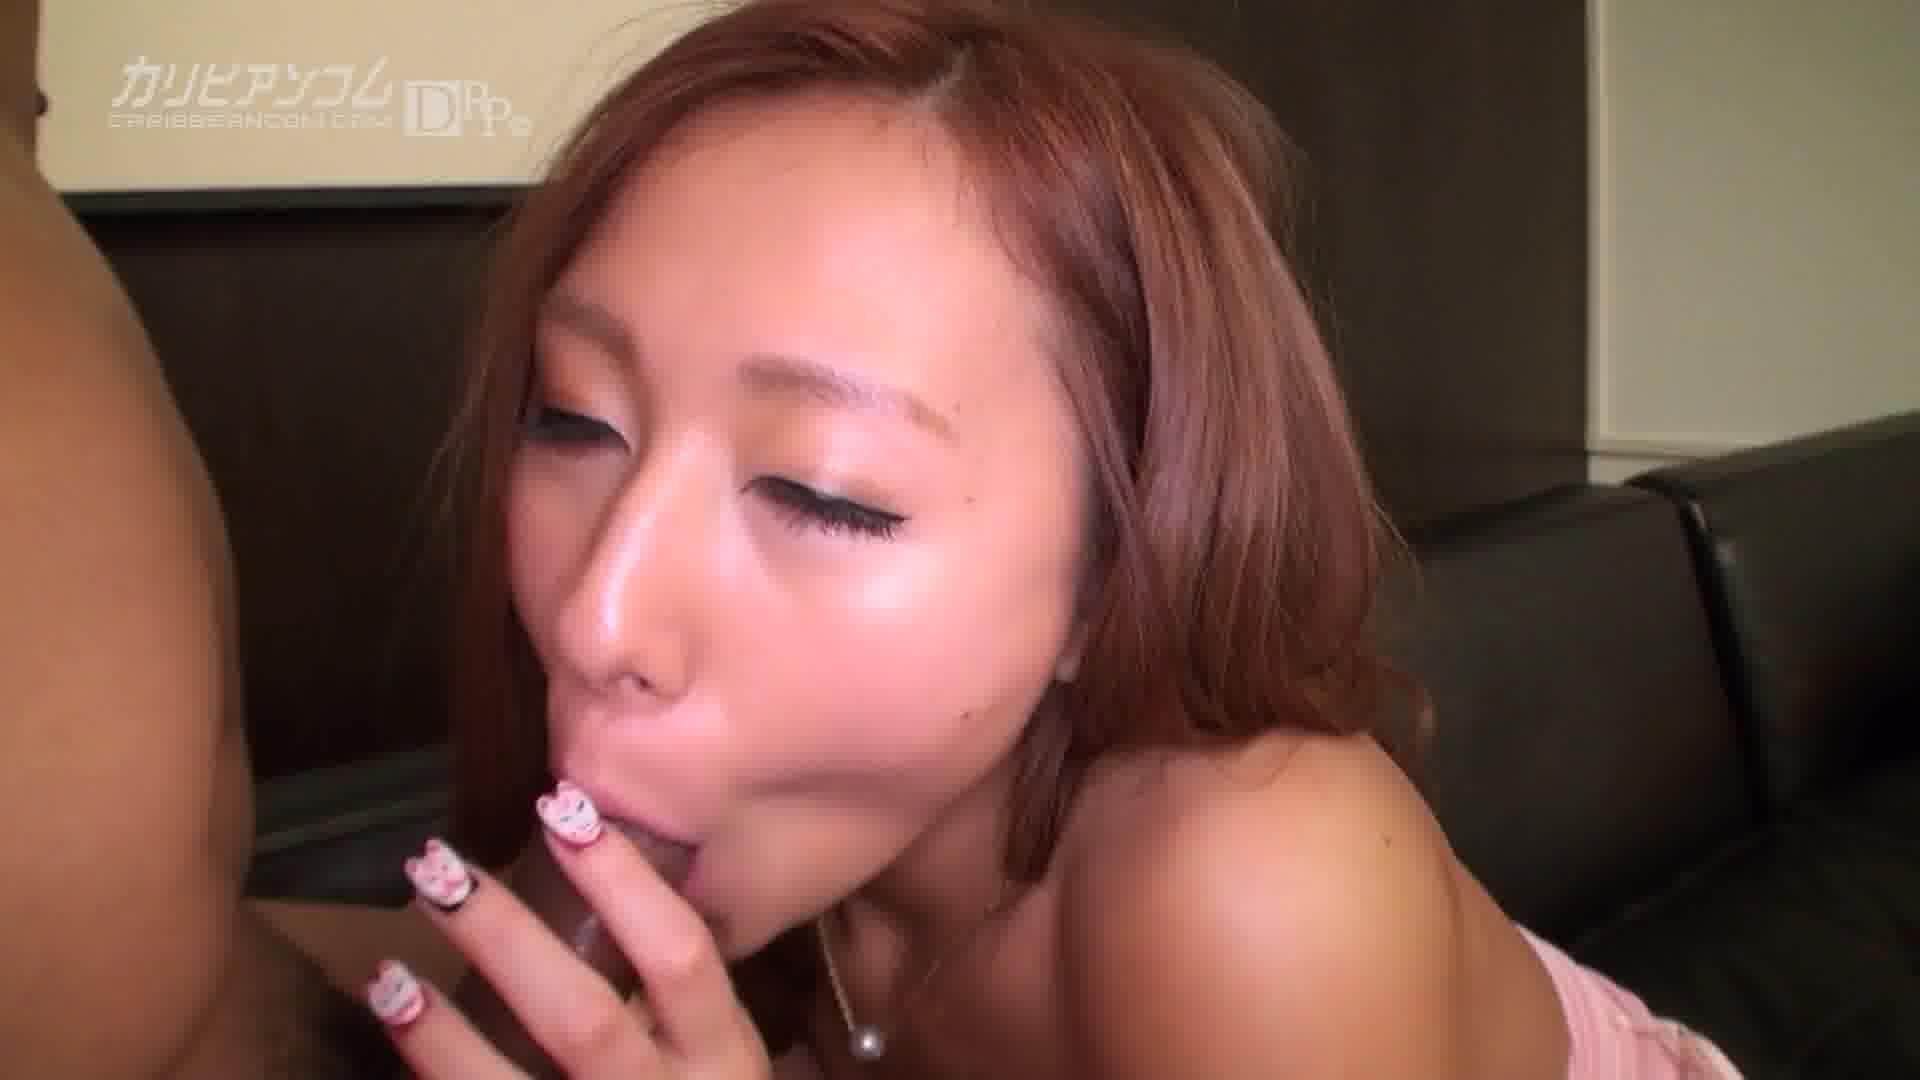 仕事終わりの泥酔キャバ嬢を運転手から譲り受ける - 早川メアリー【ギャル・パイパン・中出し】